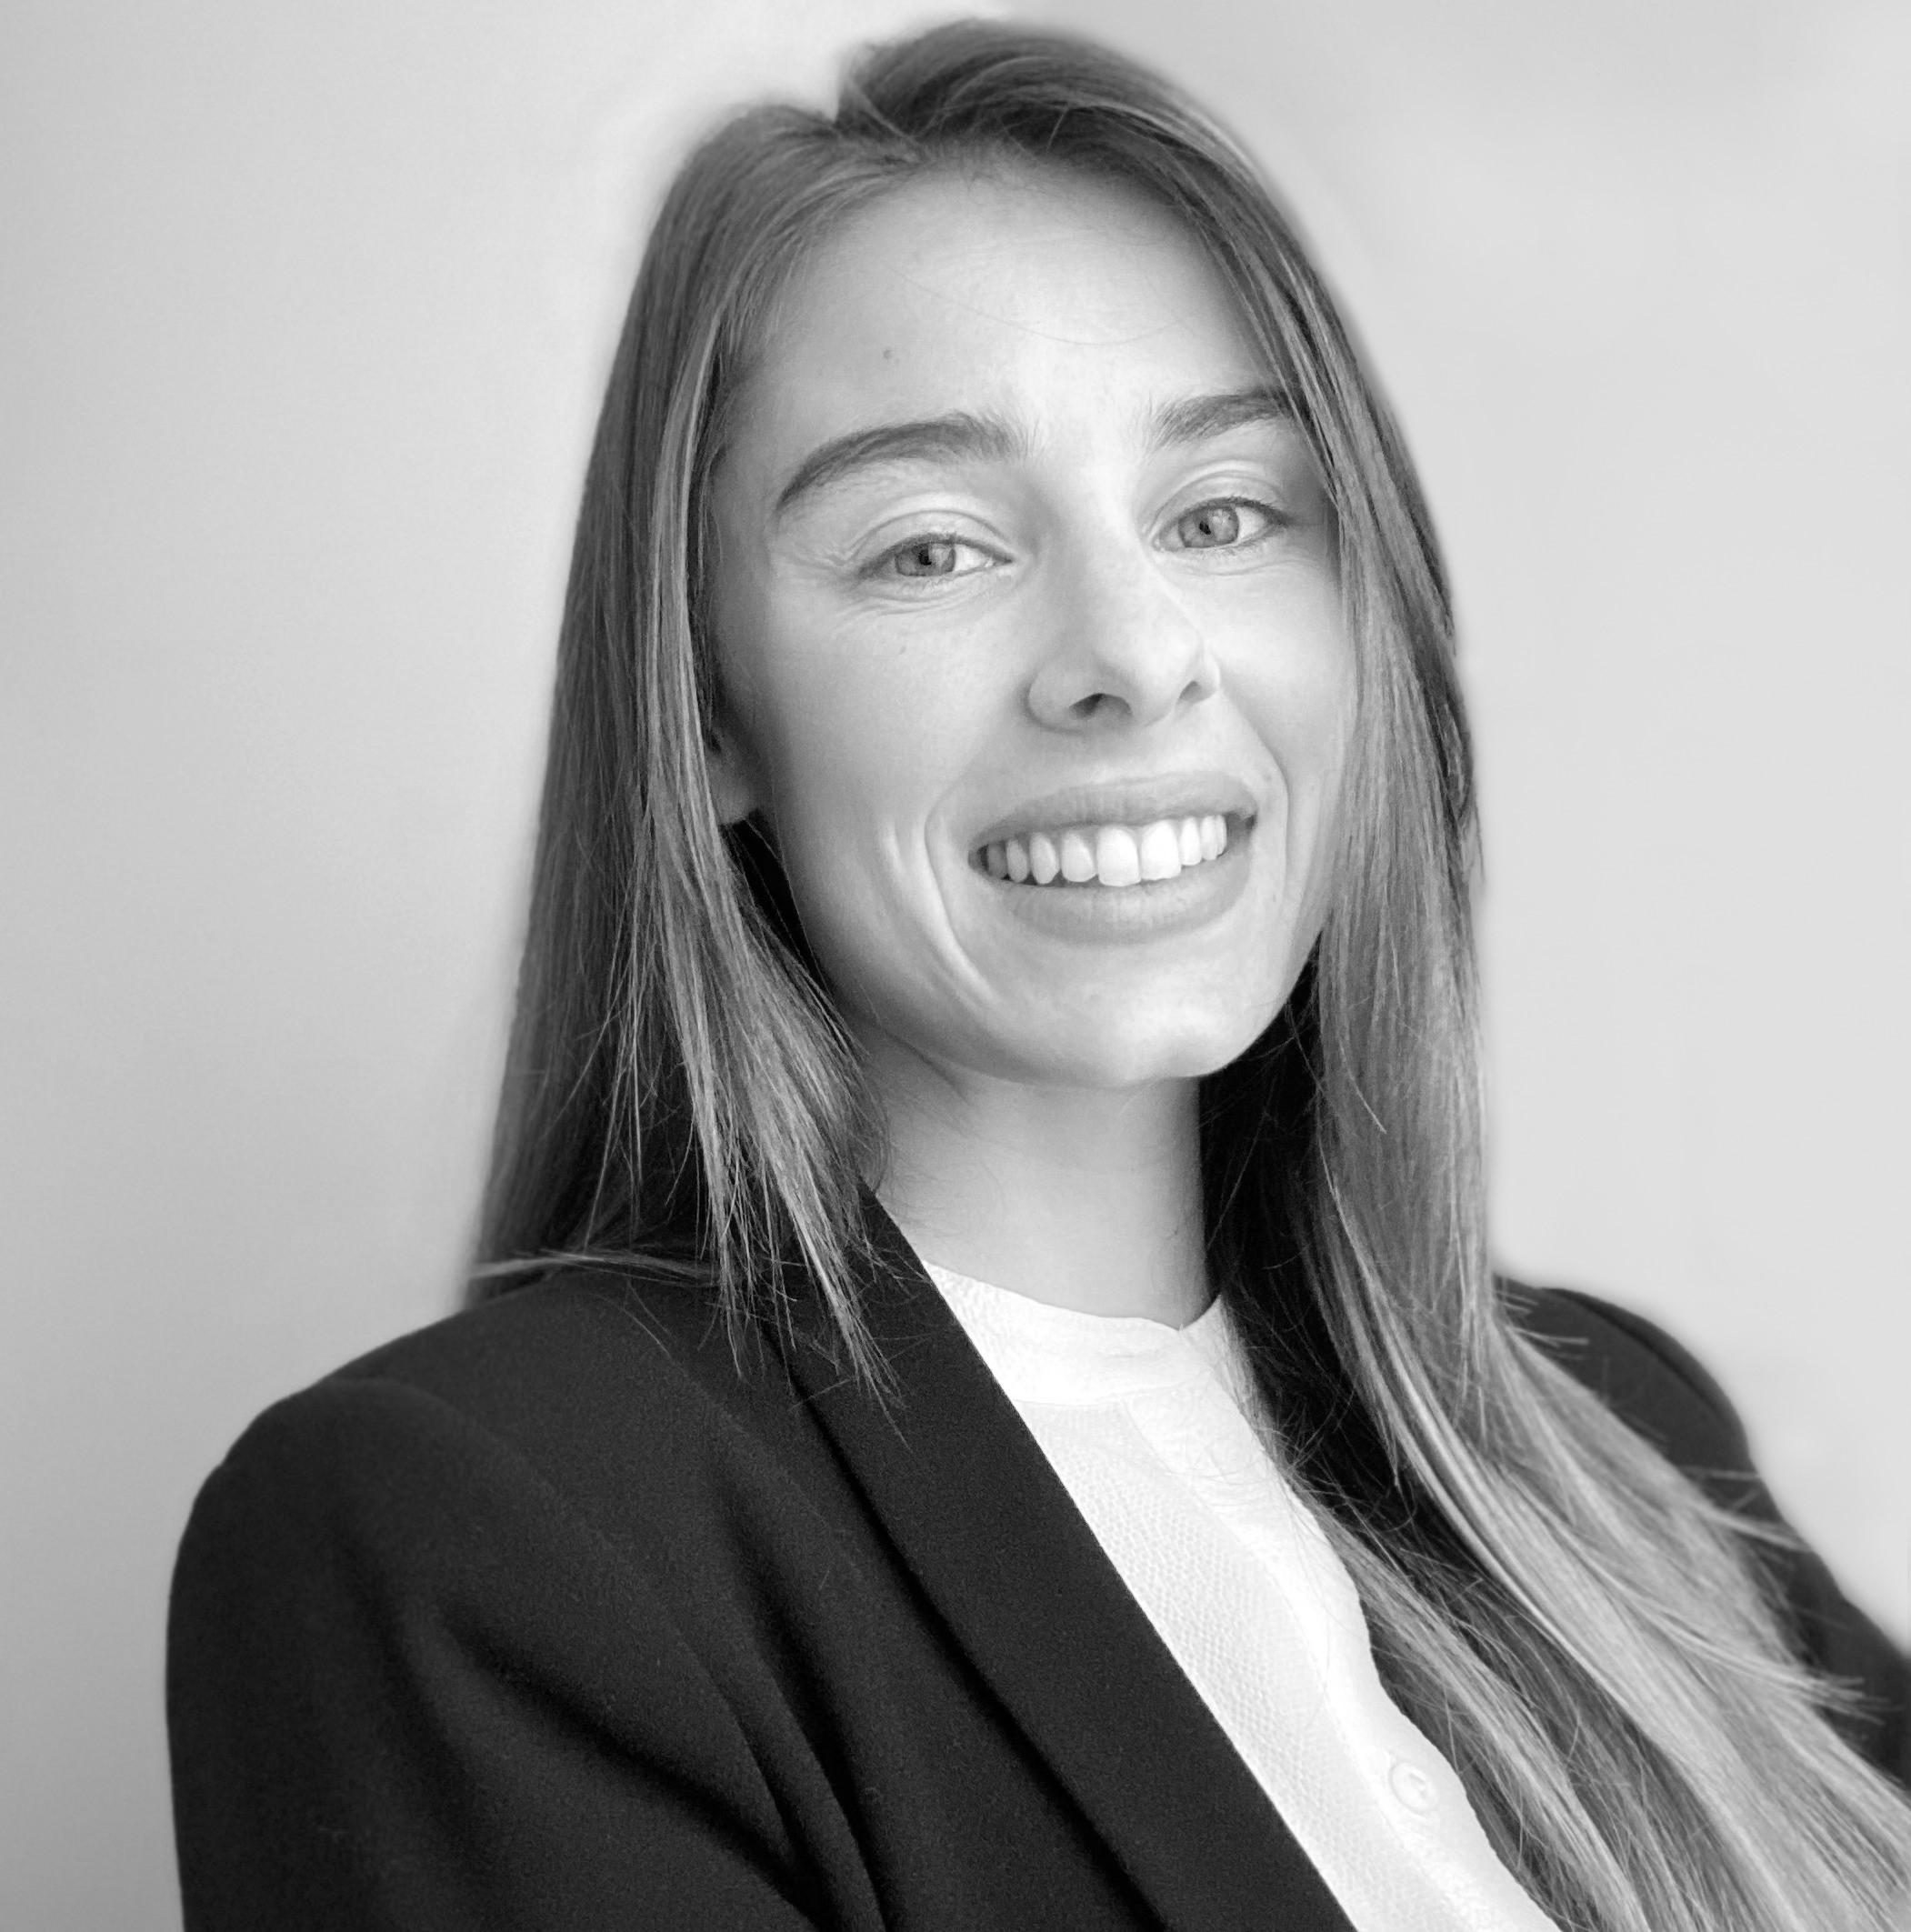 Bianca Bennewitz